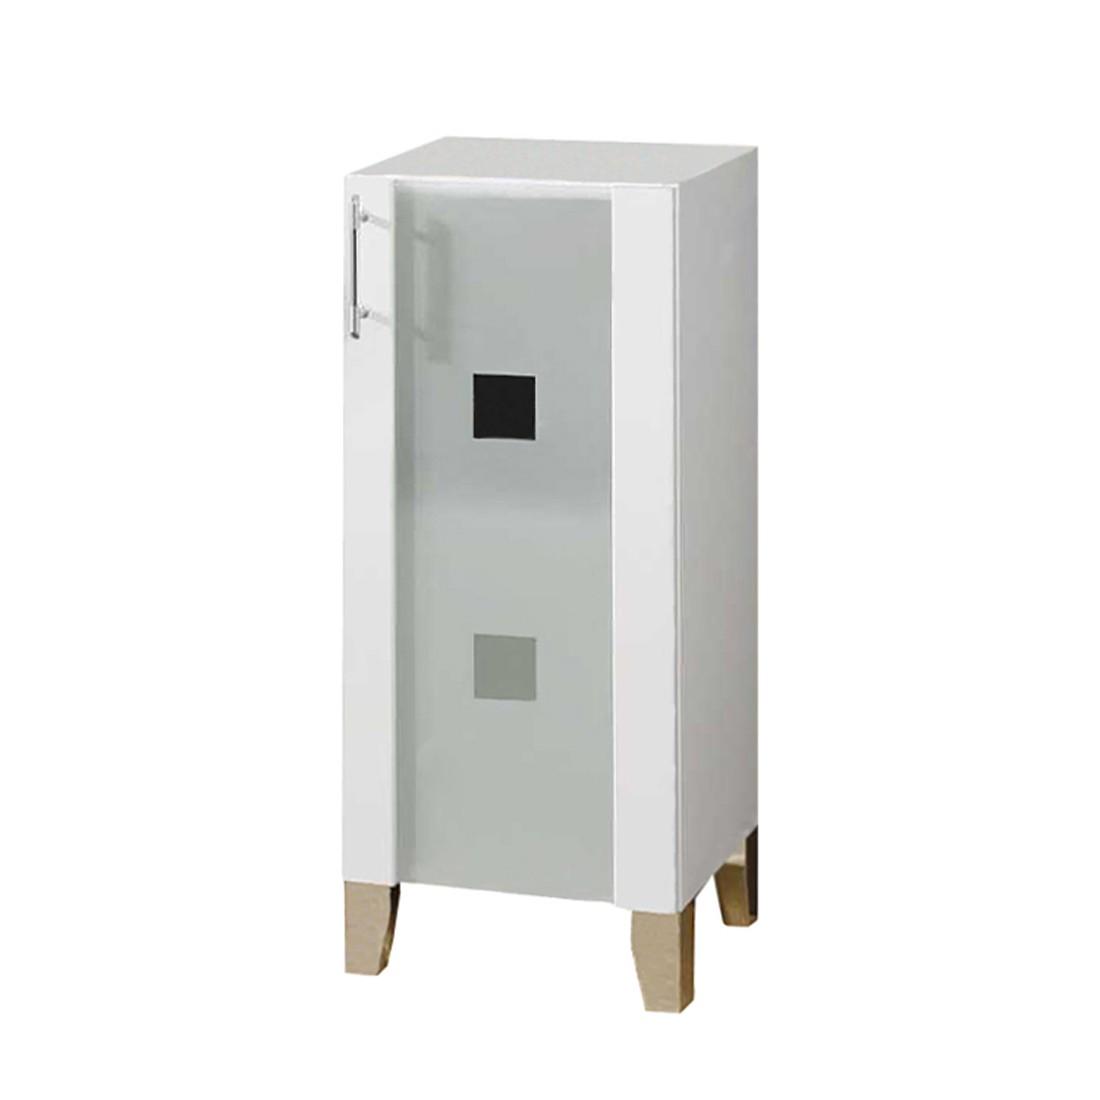 Badschrank Weiß Poco : Badschrank Poco  MDFSpanplatte  Anthrazit HochglanzSilber  Modell